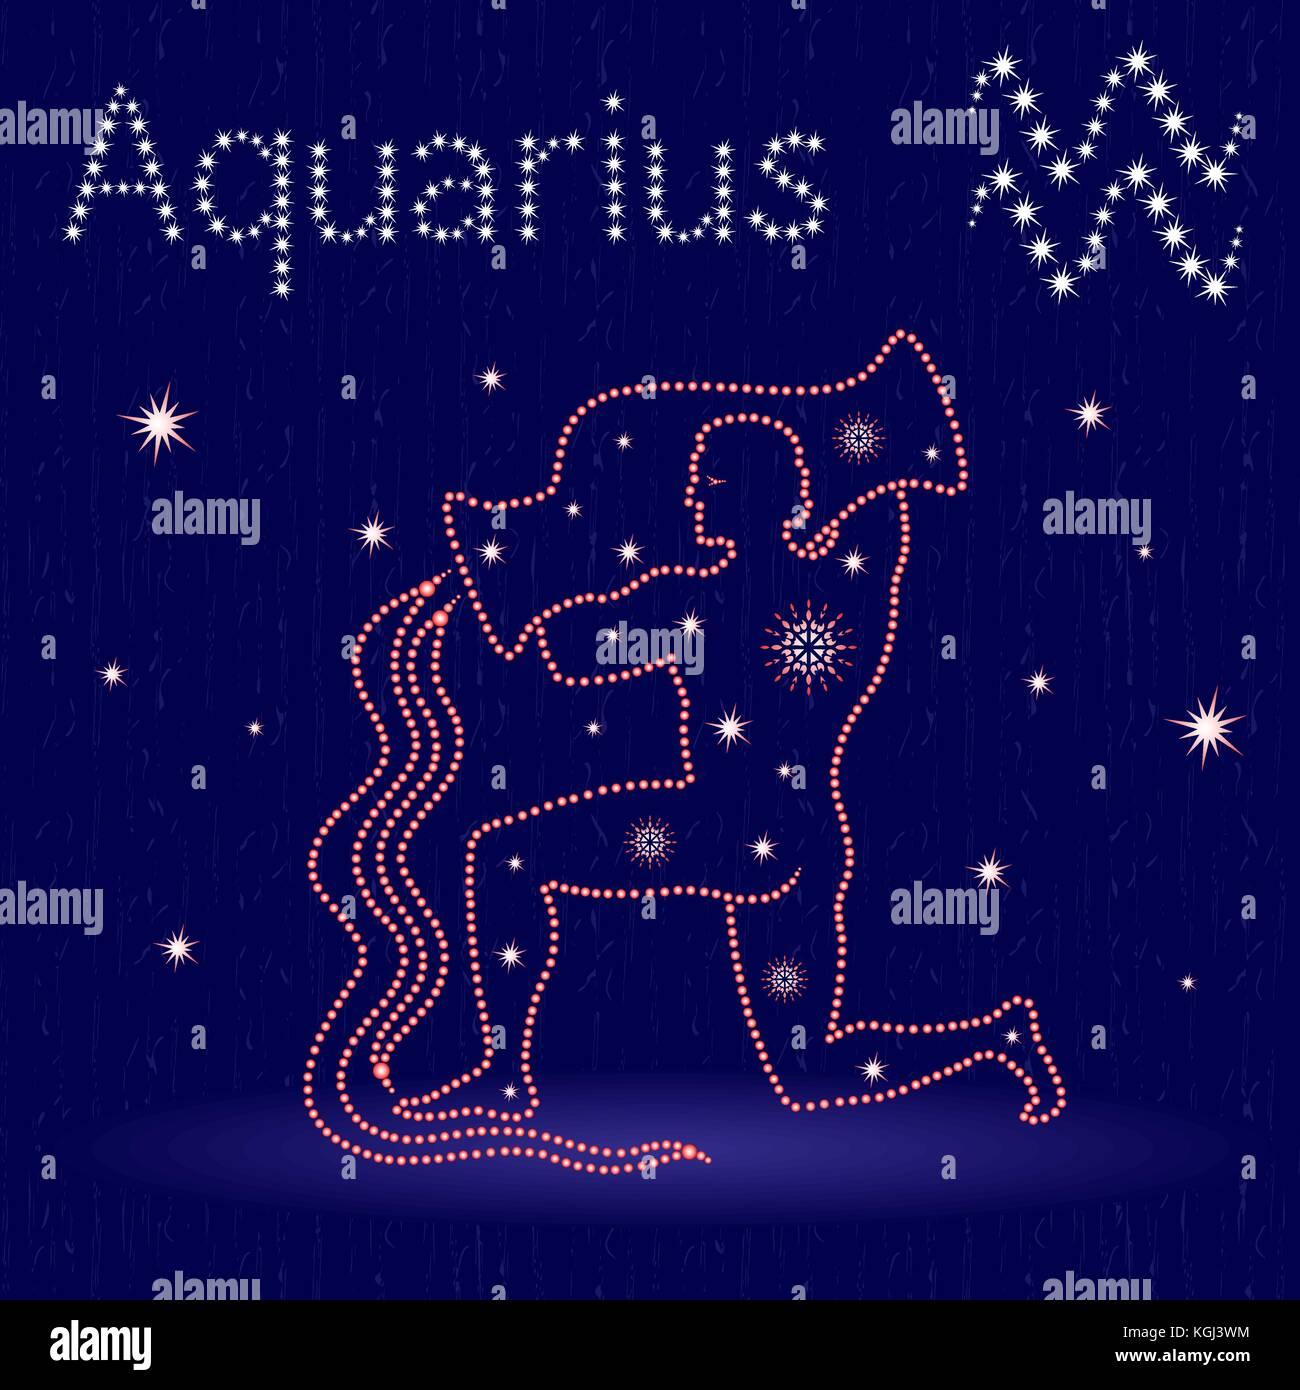 Segno Zodiacale Acquario Sul Cielo Stellato Disegnati A Mano